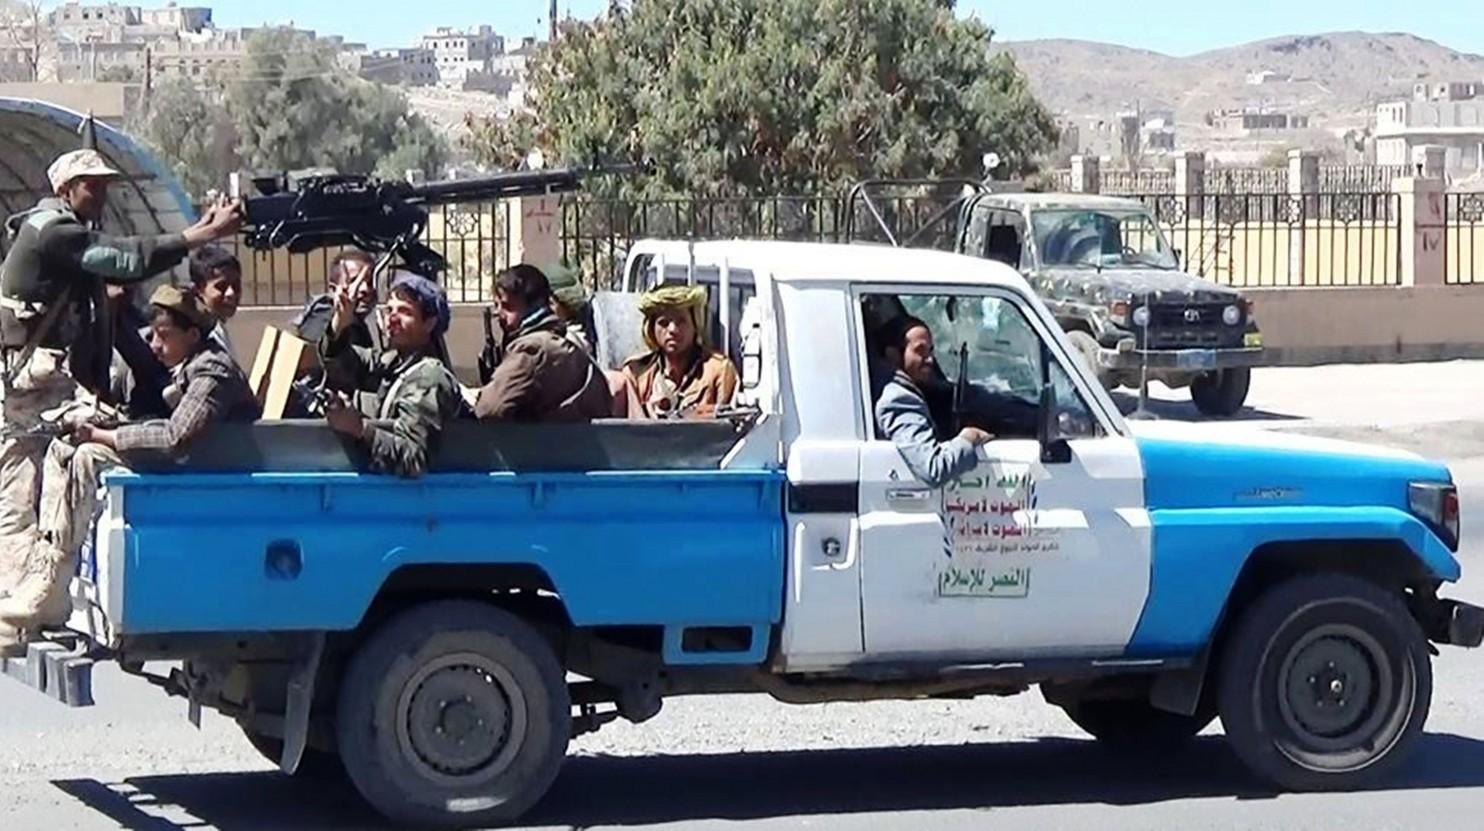 Chiến binh vũ trang chiếm trại đặc nhiệm Mỹ ở Yemen - 1